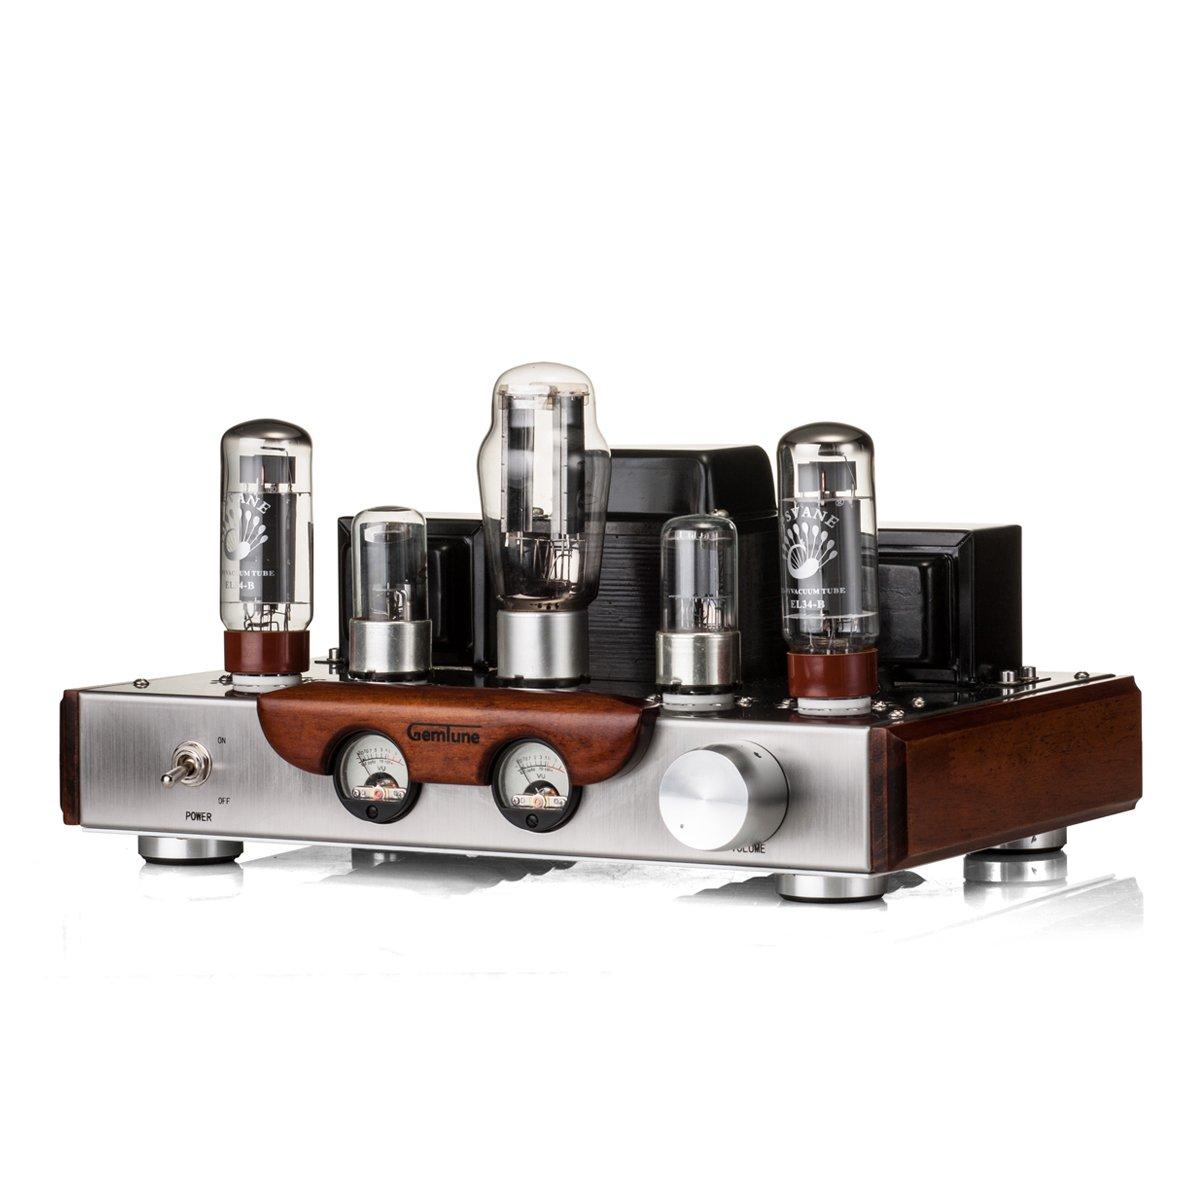 Gemtune GS01-M Class-A Amplificatore integrato Hi-Fi per tubo vuoto w// Tube 2XEL34B 2X6N9P 1X5Z3P /…